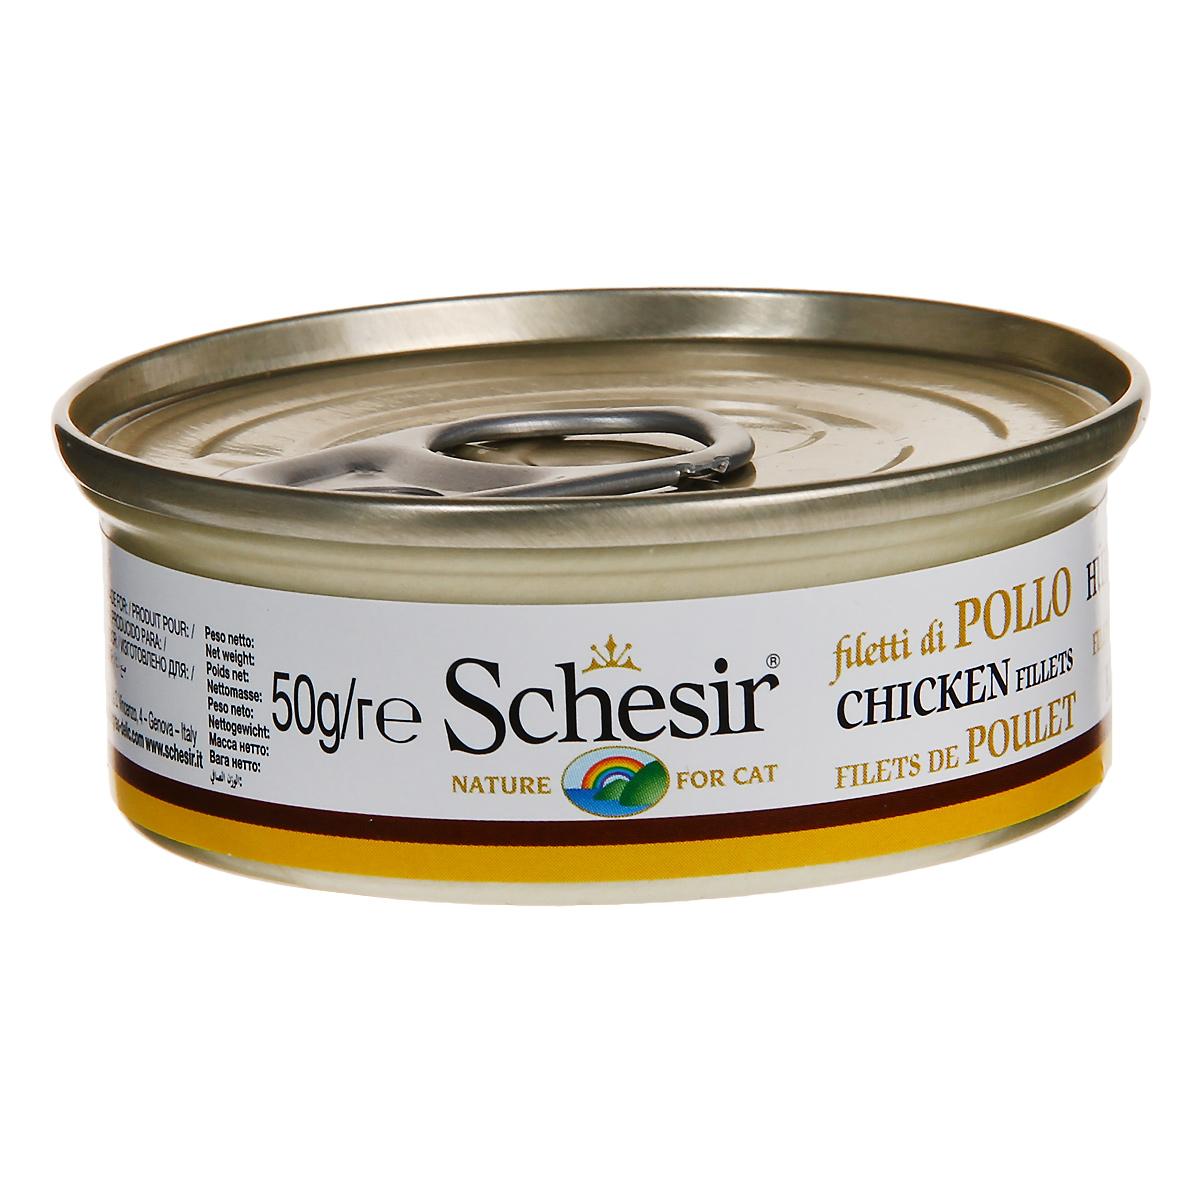 Консервы для кошек Schesir, с цыпленком и рисом, 50 г132.С112Консервы Schesir - это полнорационный корм для кошек. Состав: цыпленок (25% минимум), бульон, рис 4,1%. Анализ состава: влага 82%, сырой протеин 12%, неочищенный жир 0,5%, сырая клетчатка 0,1%, сырая зола 1,2%. Витамины: А - 1325МЕ, D3 - 110МЕ, Е (альфа-токоферол) 15 мг, таурин - 160 мг. Вес: 50 г.